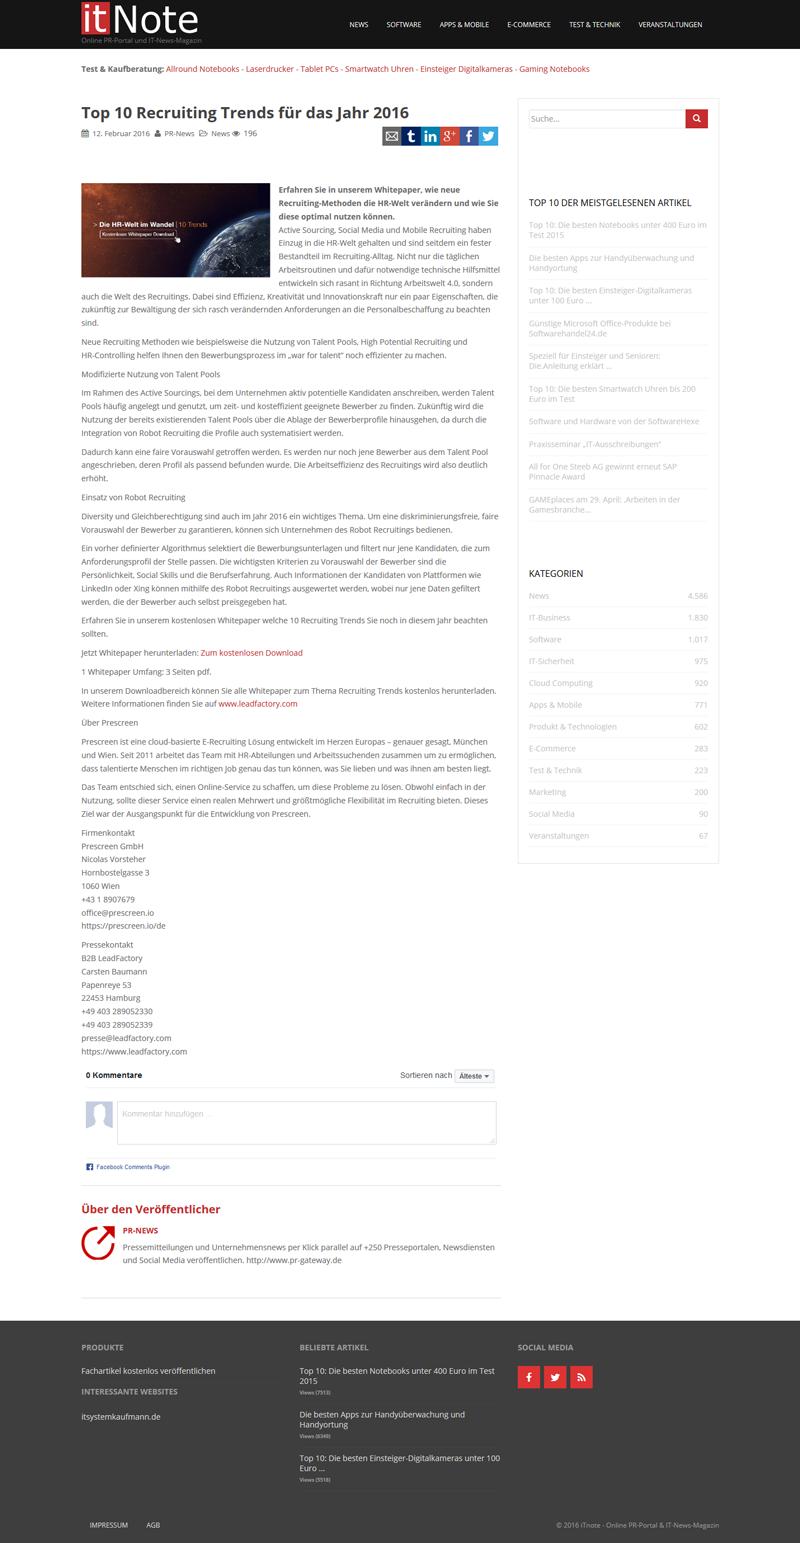 Referenzkampagne_PM_prescreen_Top 10 Recruiting Trends